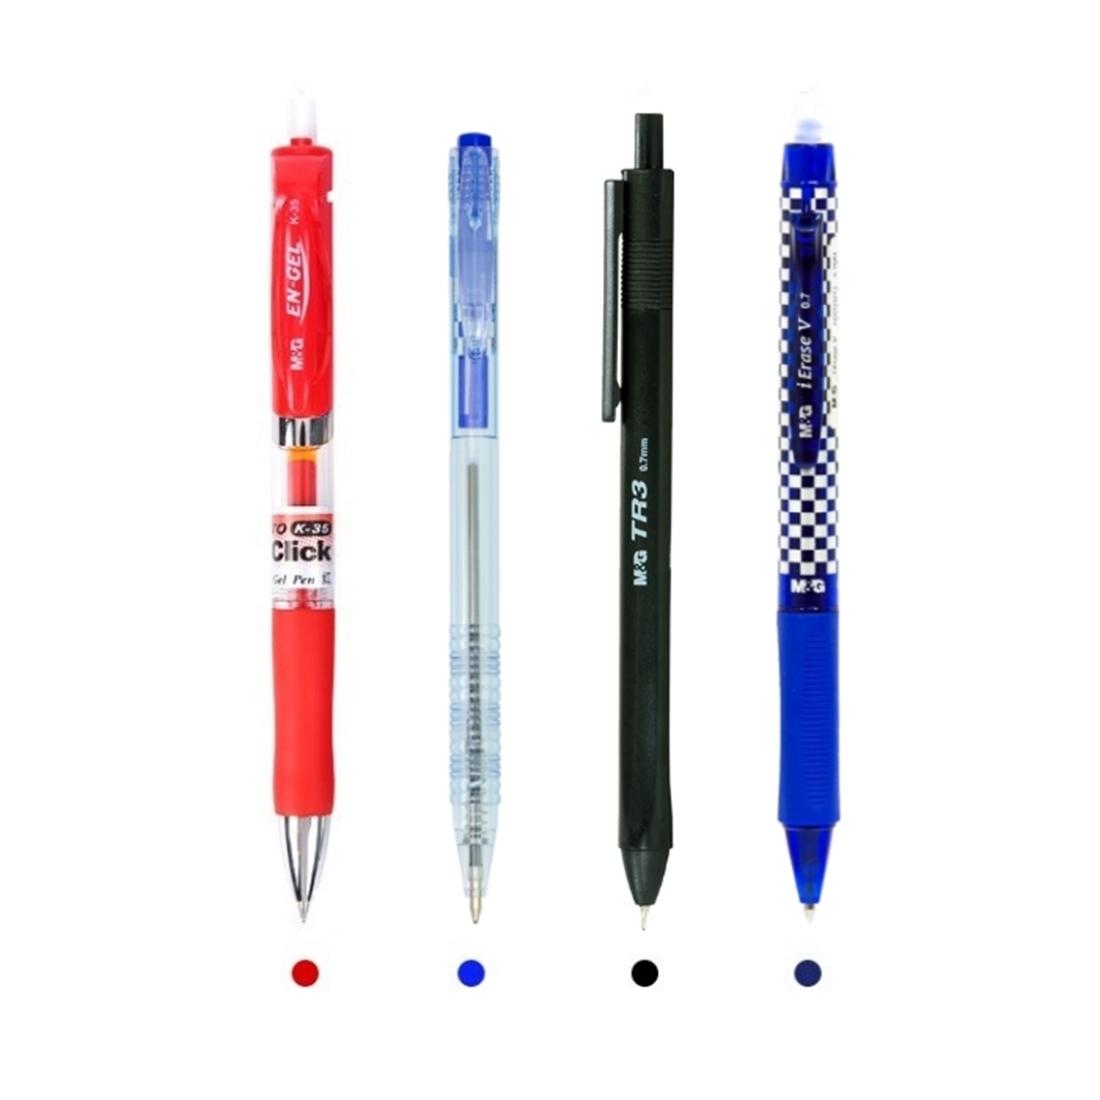 Slika za kategoriju Kemijske olovke